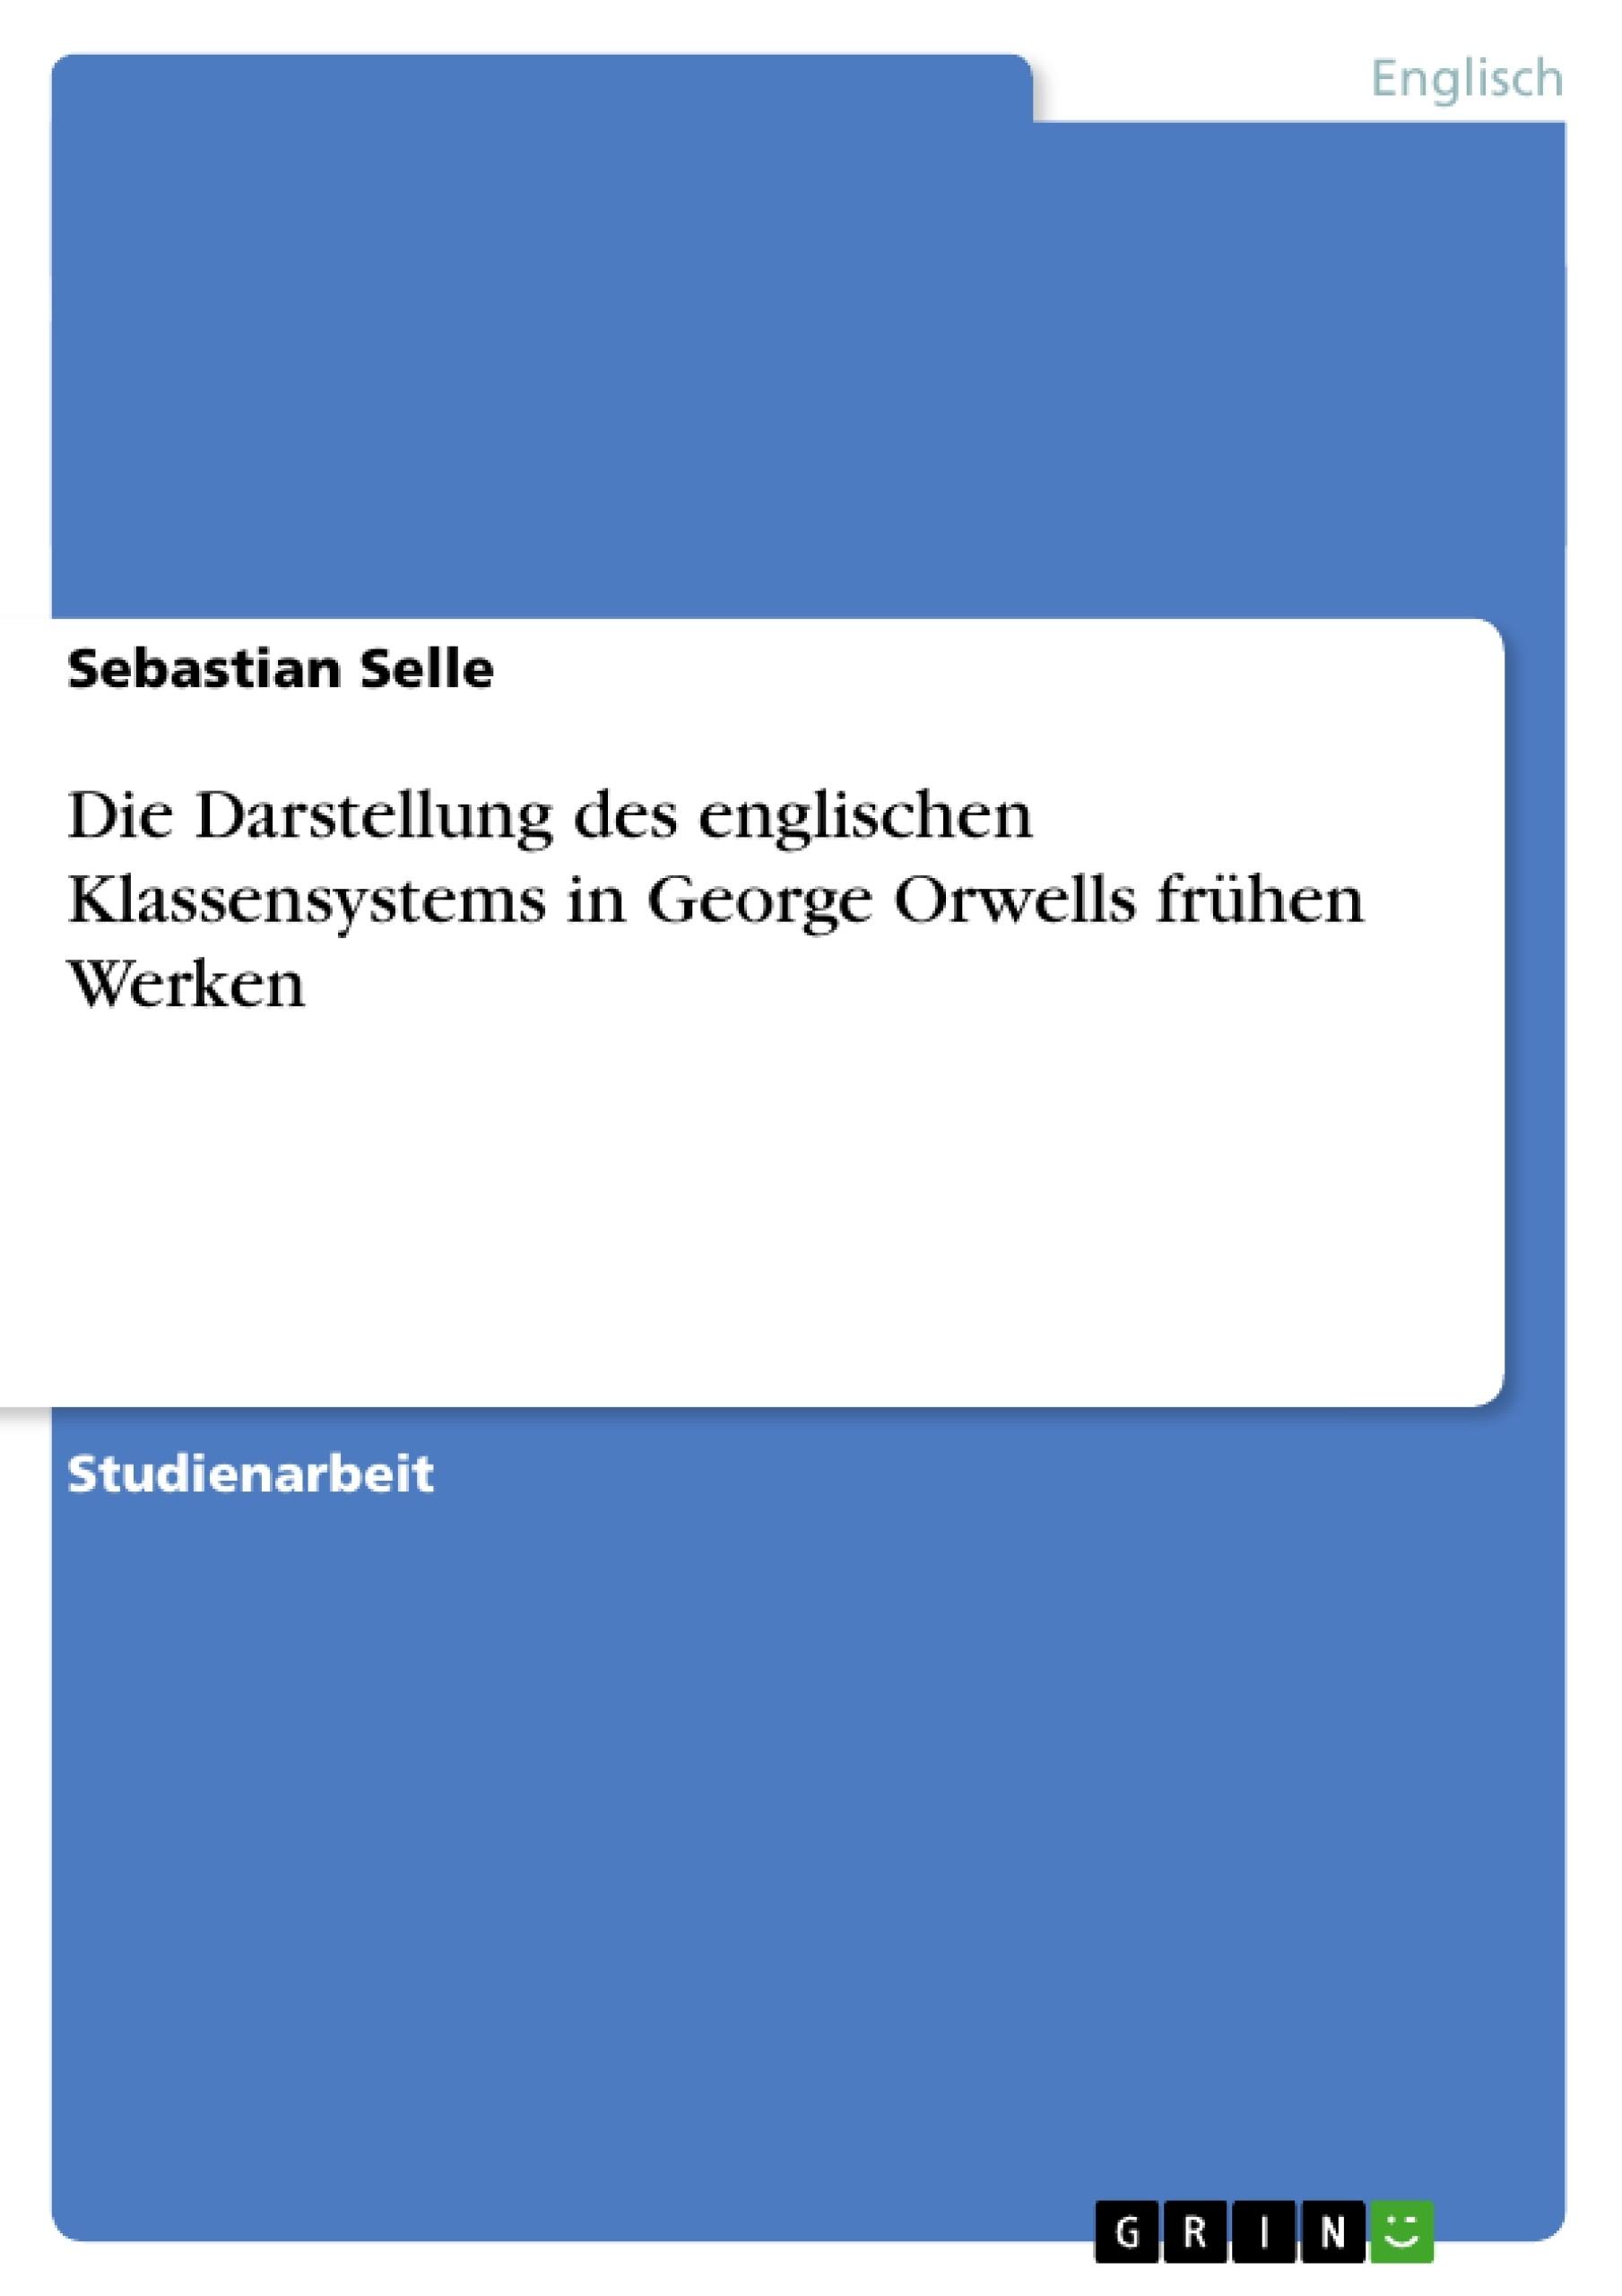 Titel: Die Darstellung des englischen Klassensystems in George Orwells frühen Werken